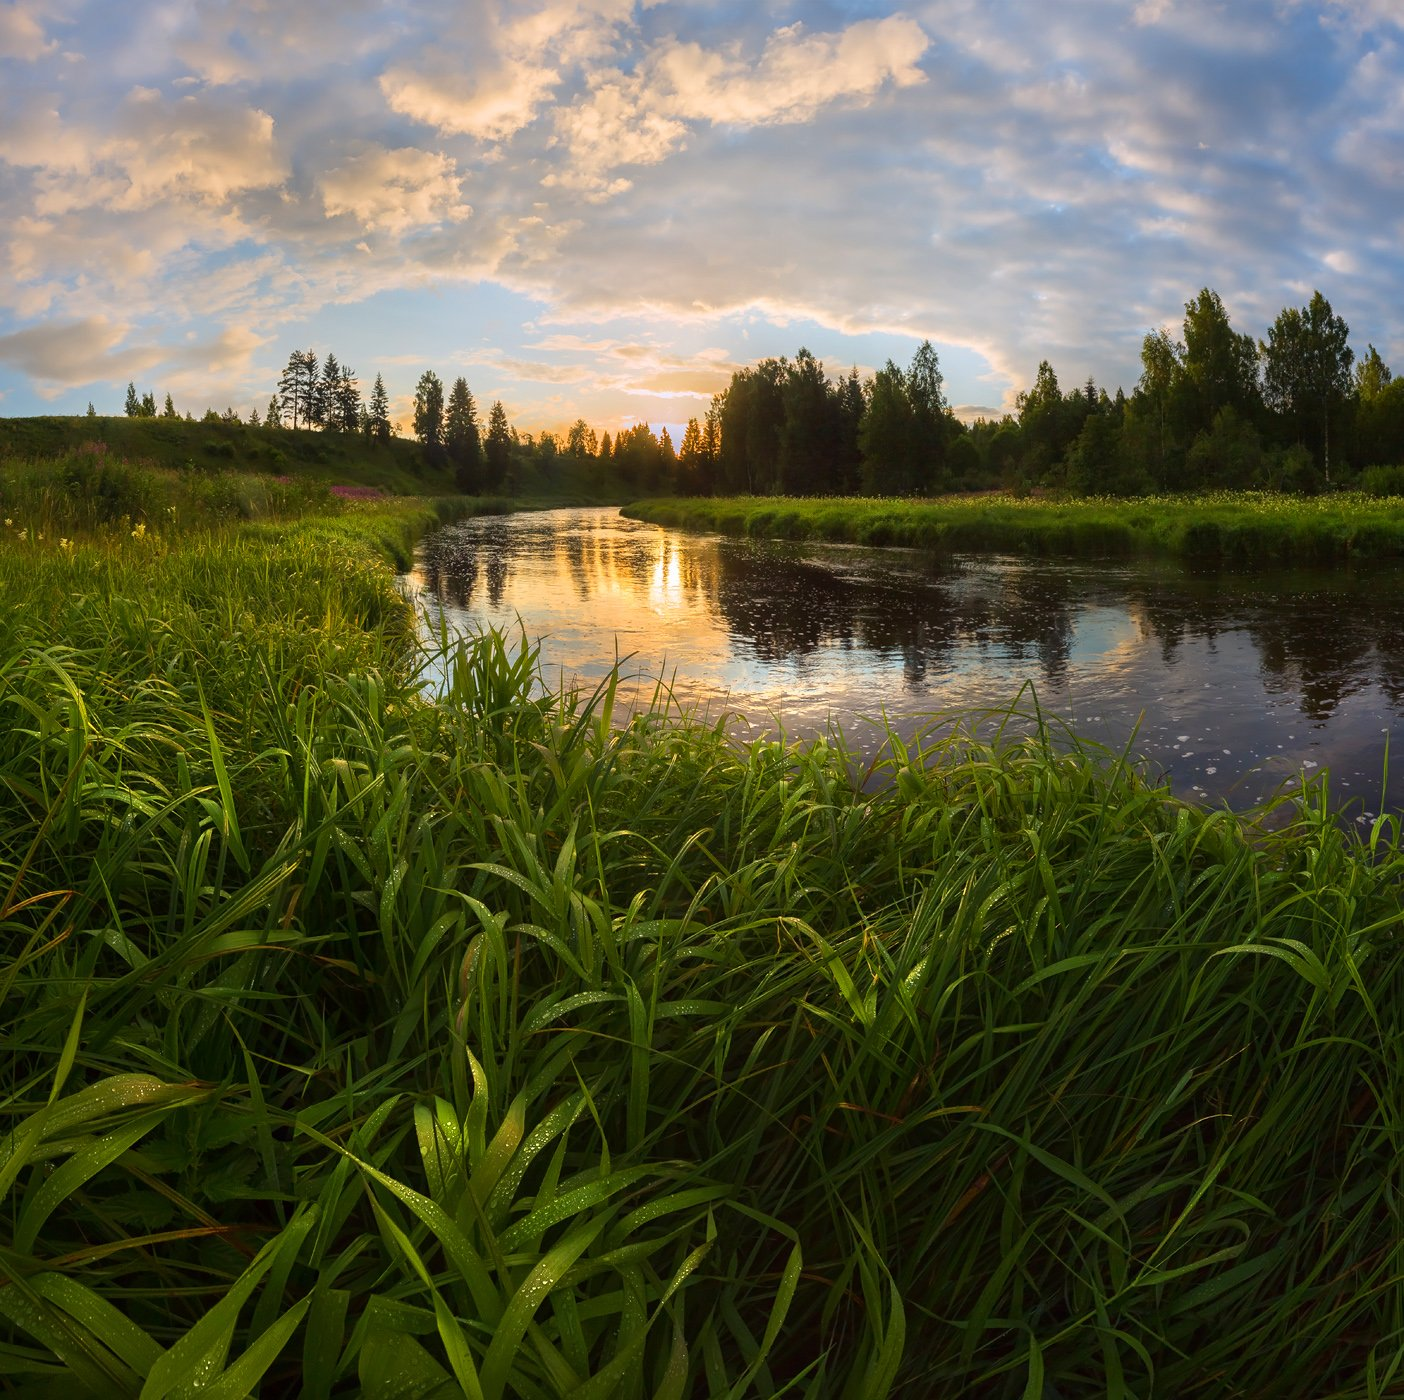 фототур, лето, ленинградская область, луг, трава, рассвет, река, облака, вода, отражение, роса,, Лашков Фёдор